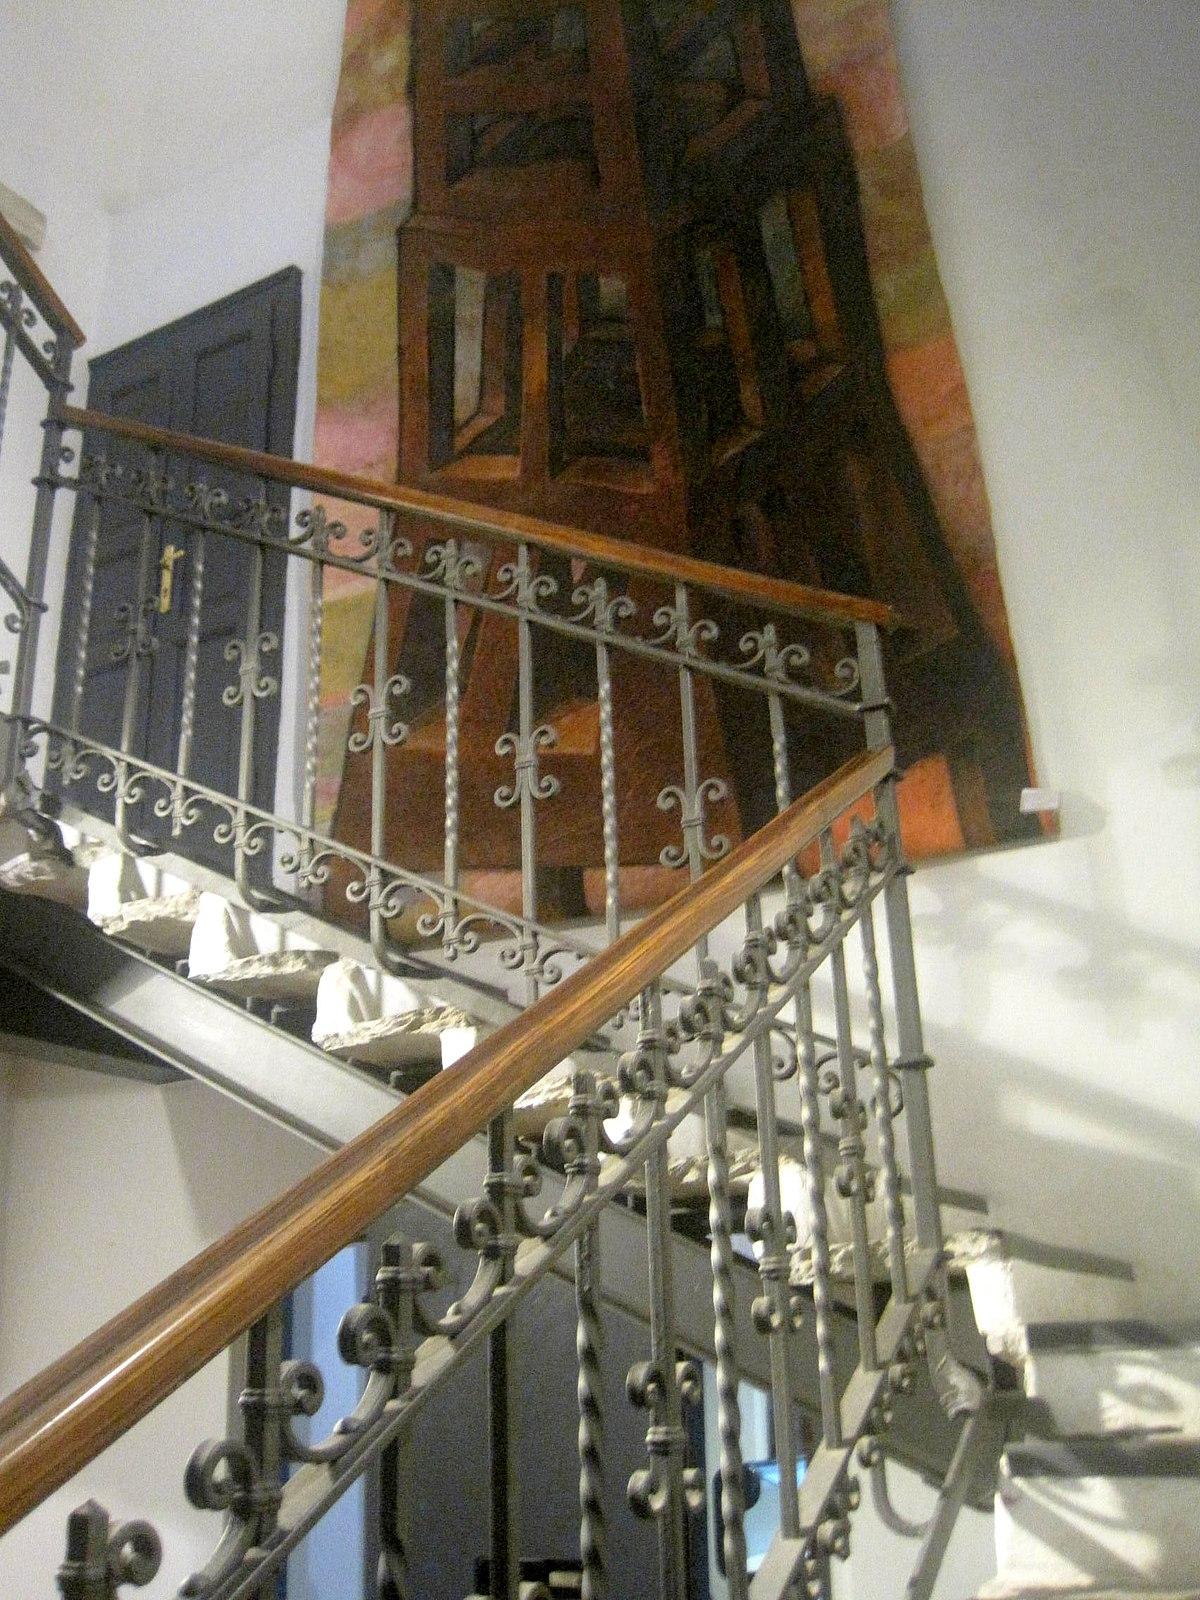 Home Design Busto Arsizio file:palazzo marliani-cicogna a busto arsizio 4